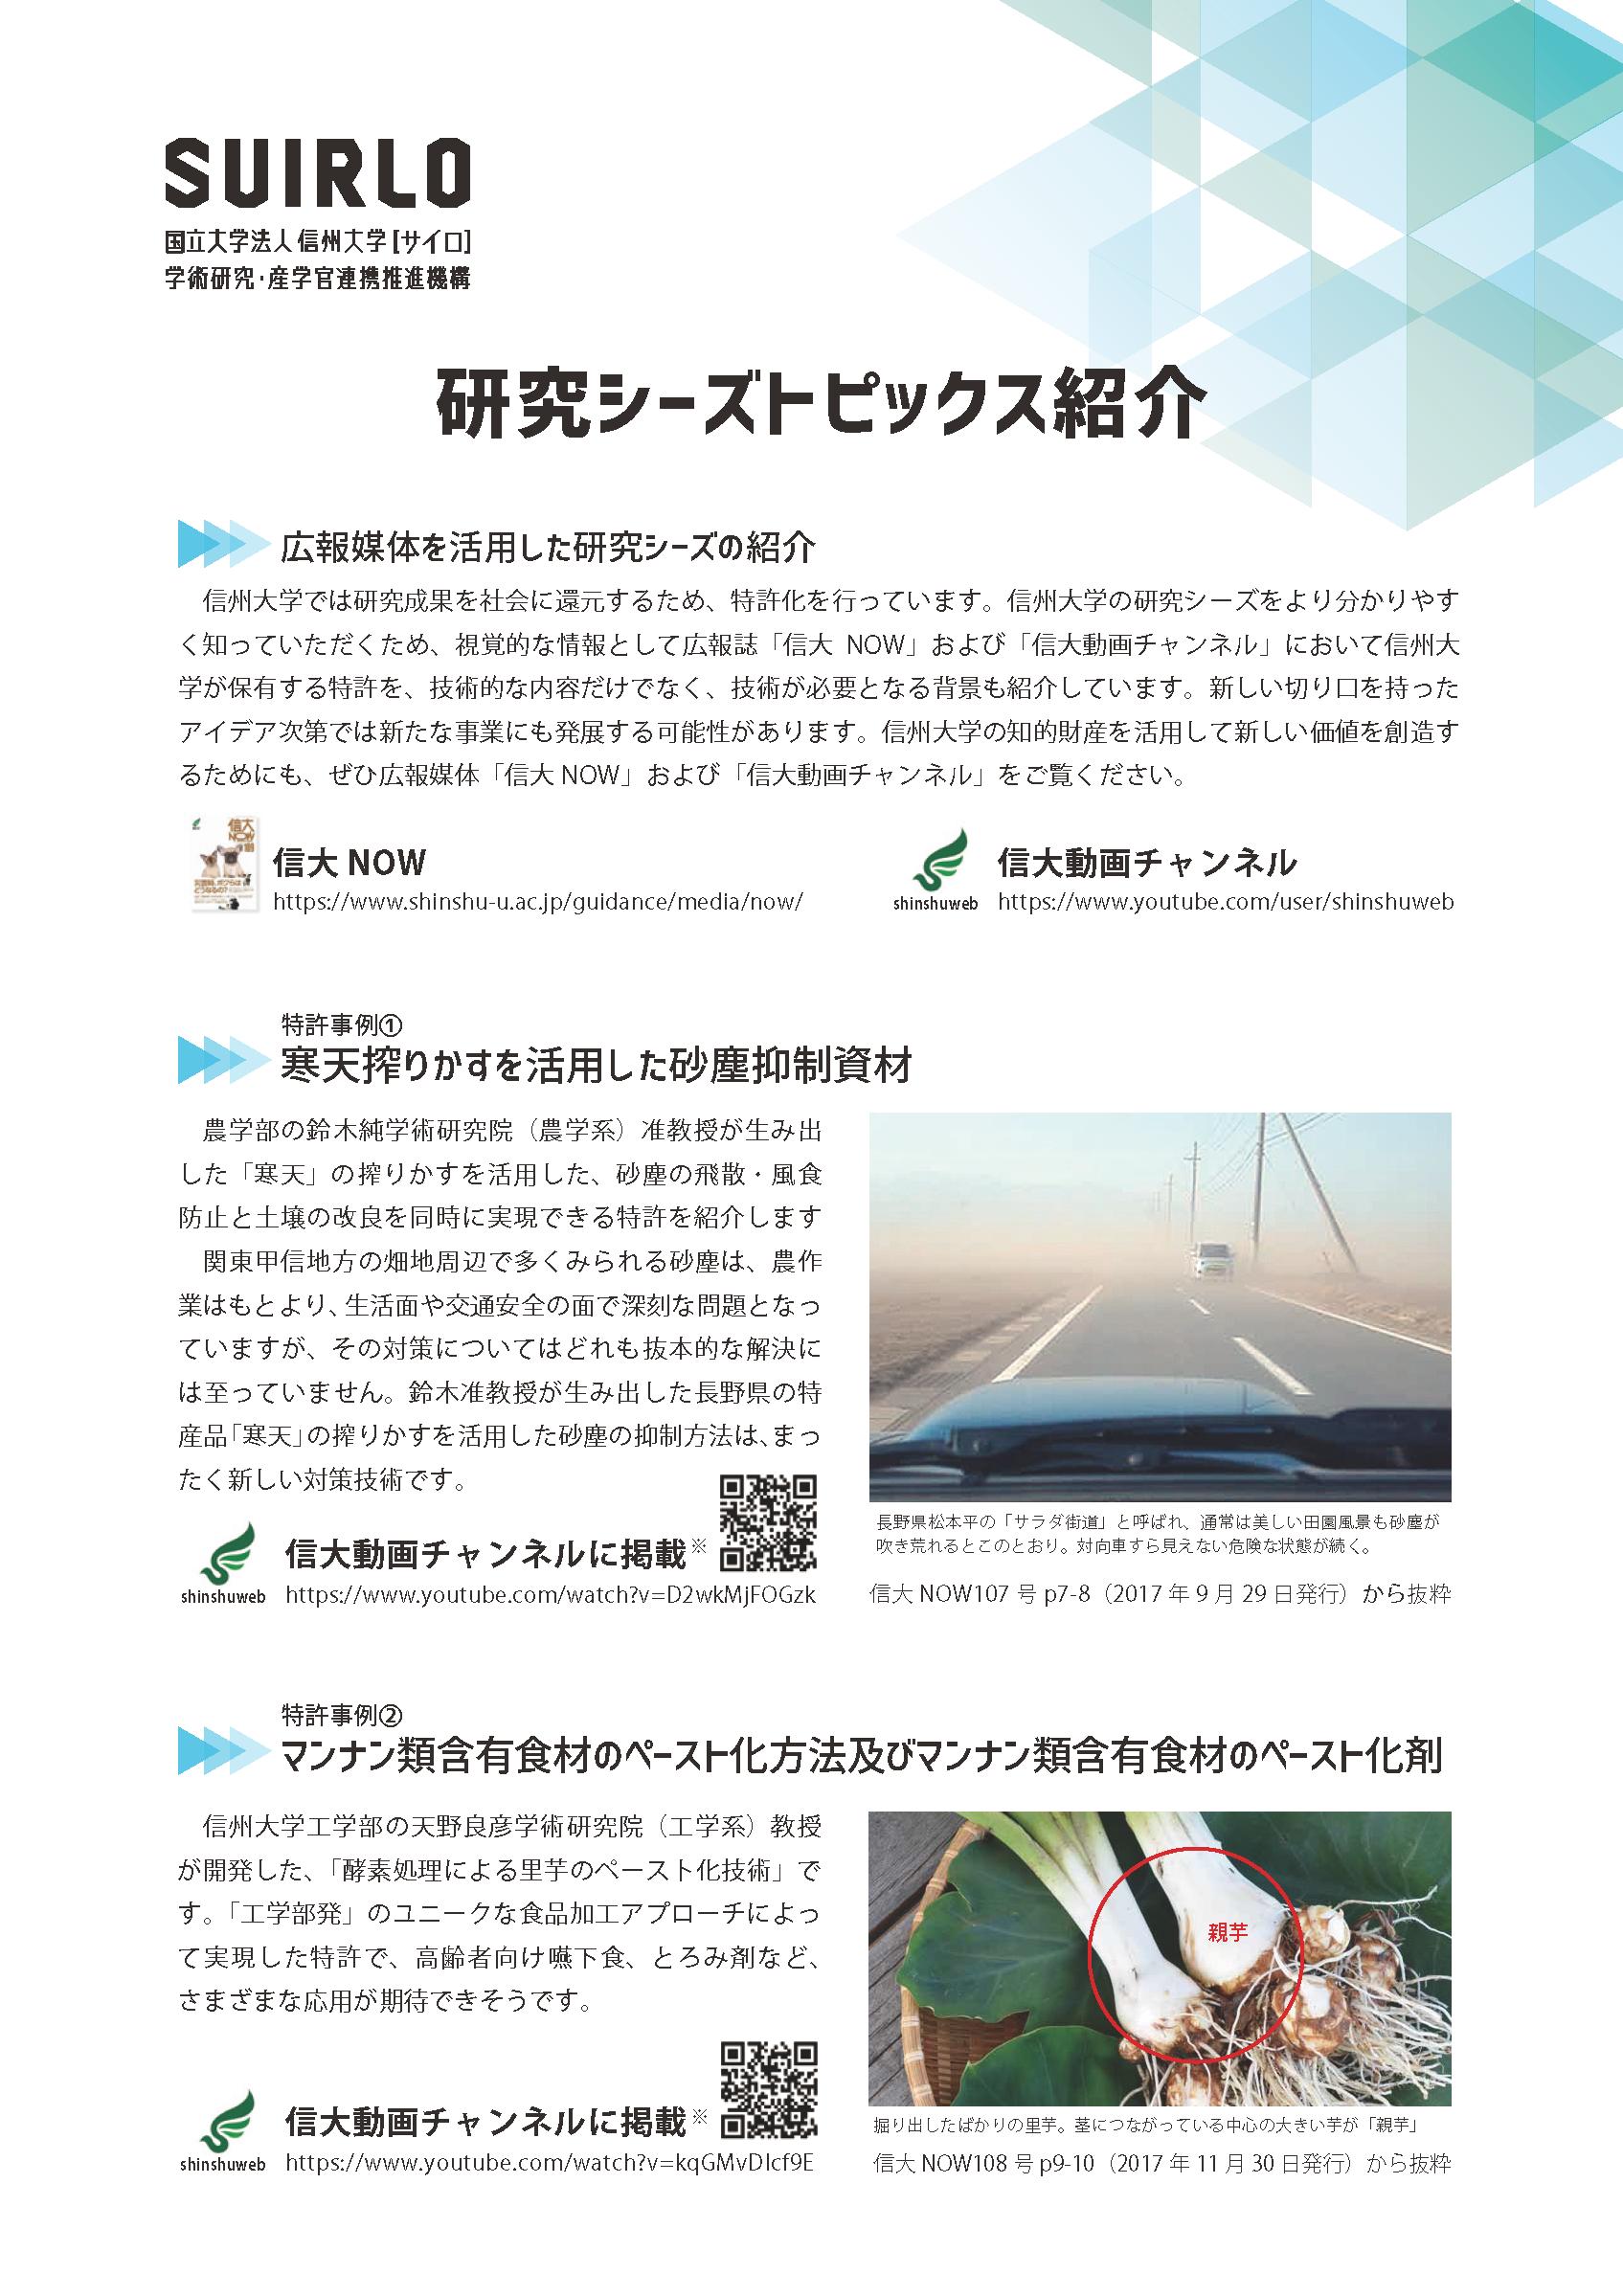 アイキャッチ画像:研究シーズトピックス紹介